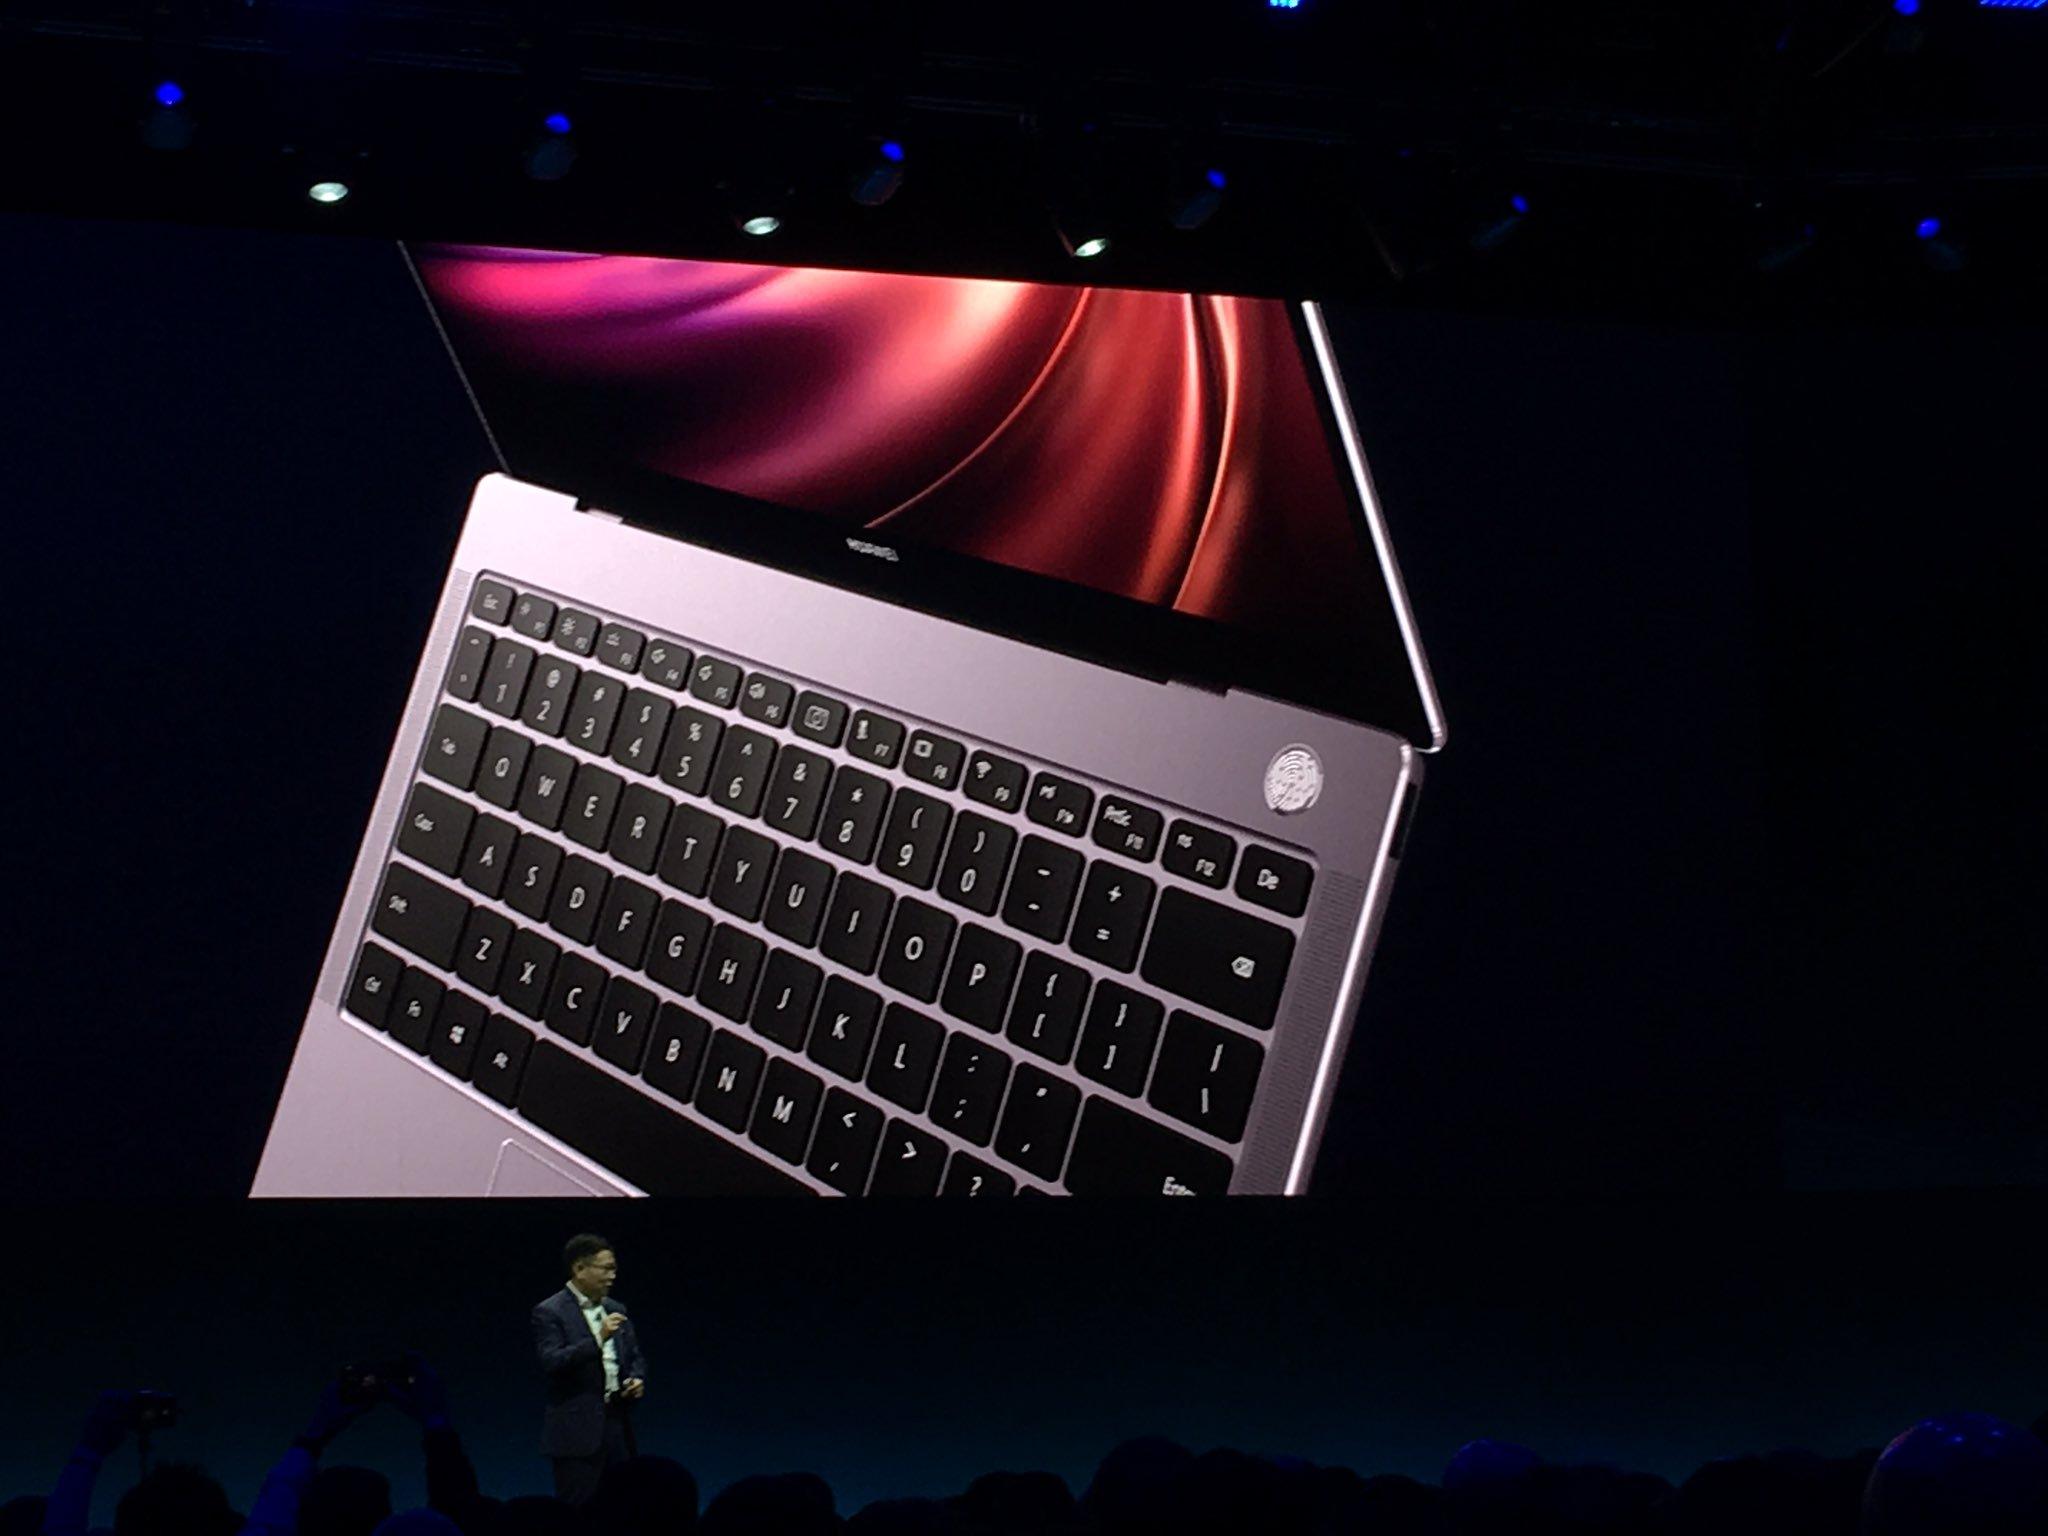 MWC19: هواوي تكشف عن MateBook X Pro جديد بقوة أداء أعلى